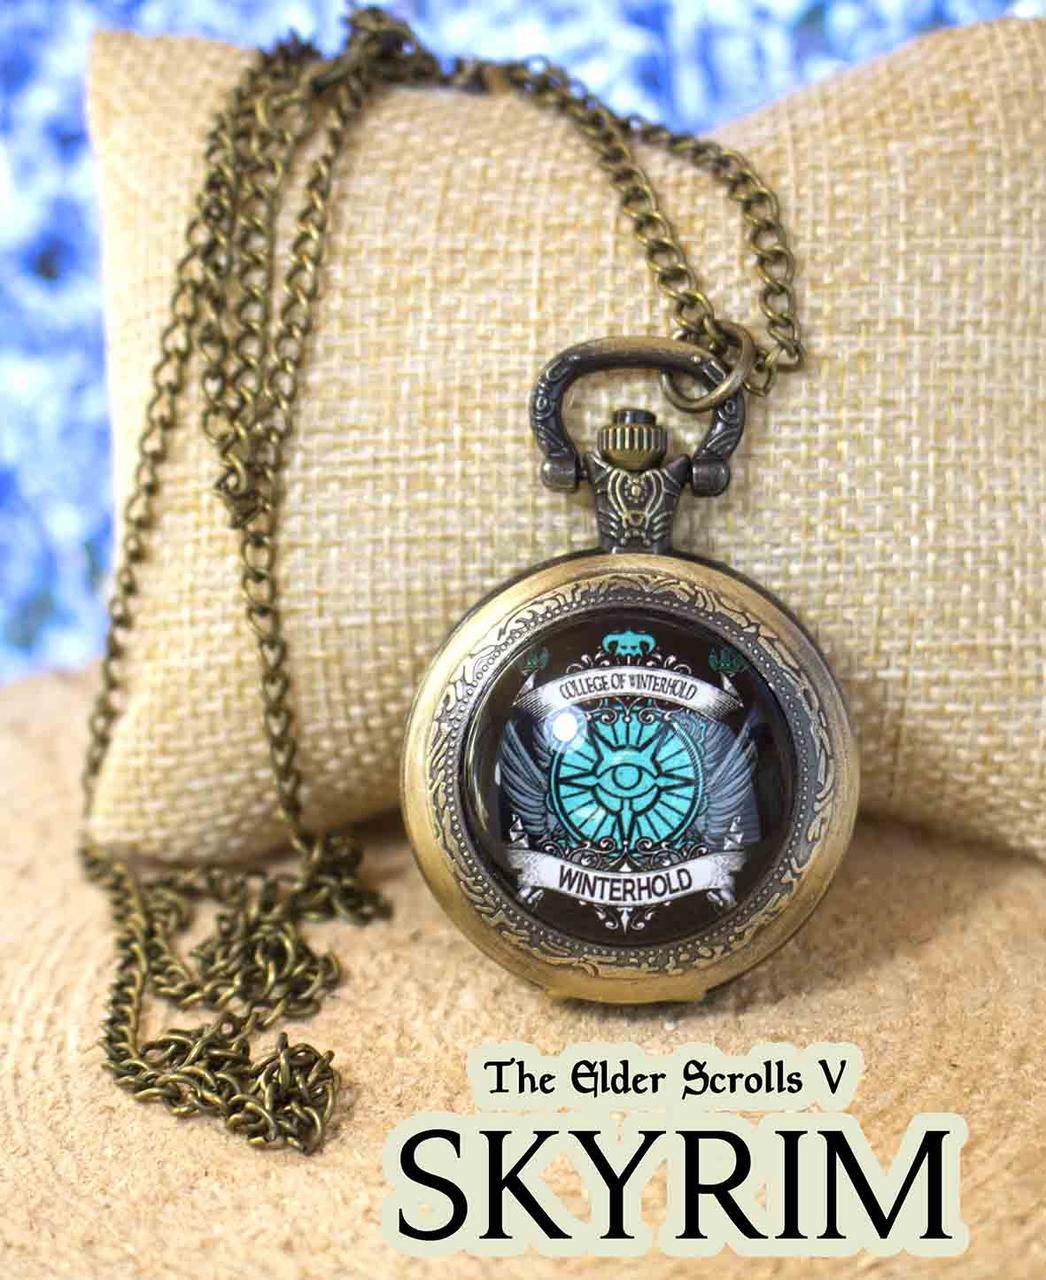 Карманные часы Winterhold Skyrim: The Elder Scrolls / Скайрим